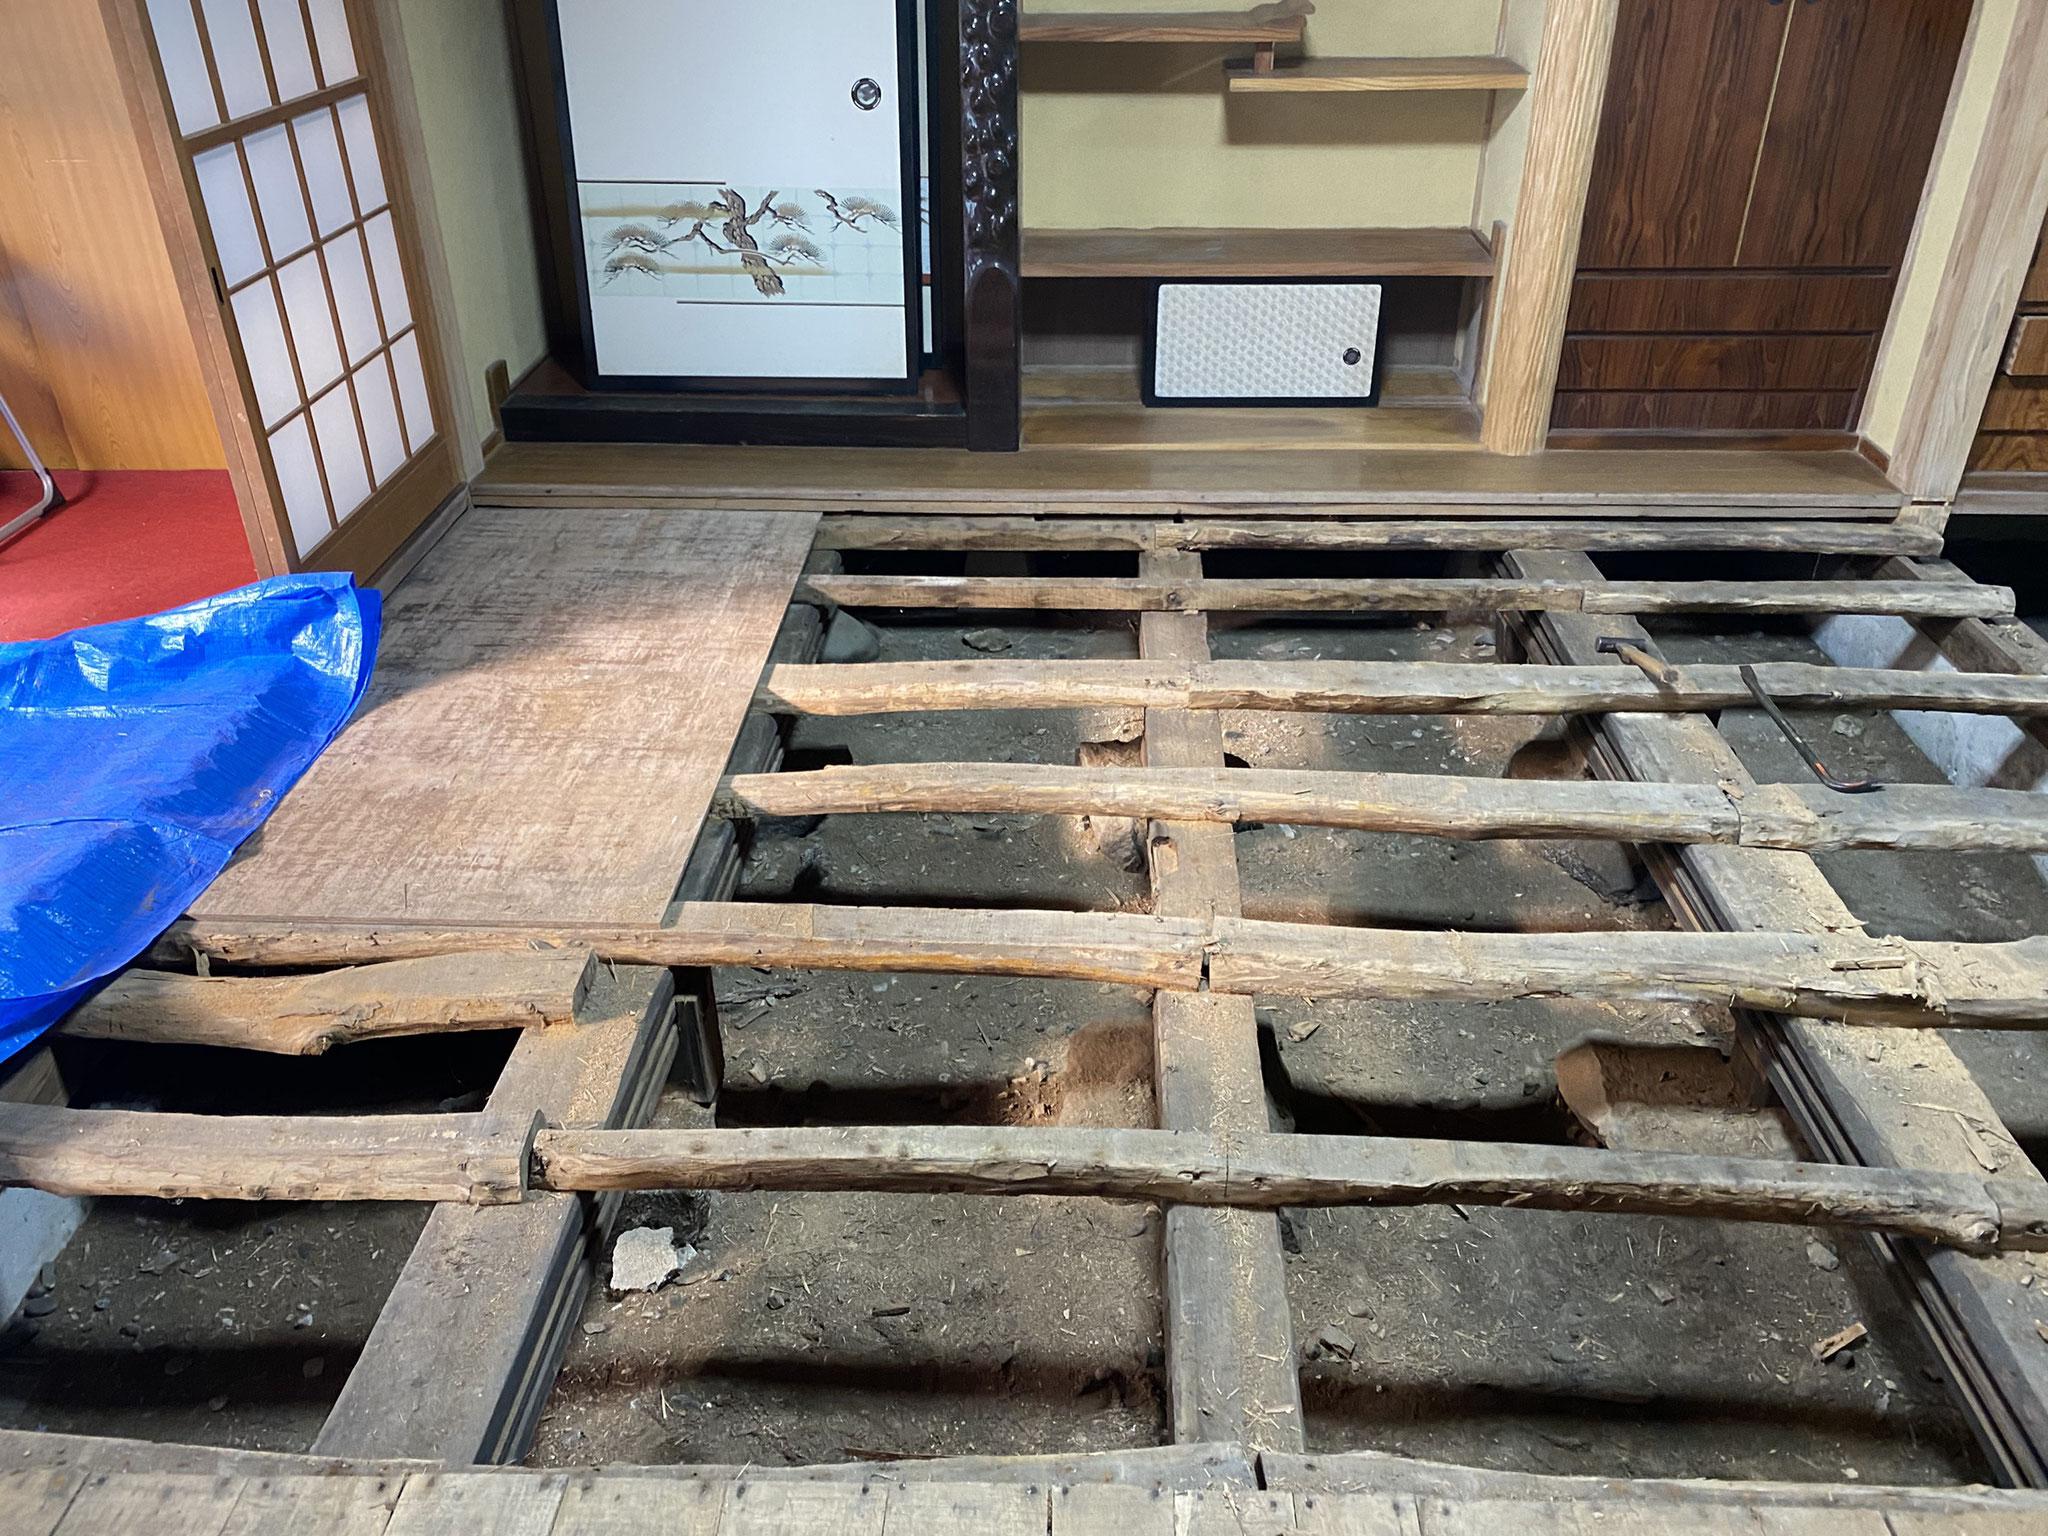 床を解体し、土台となる部分を補強します。